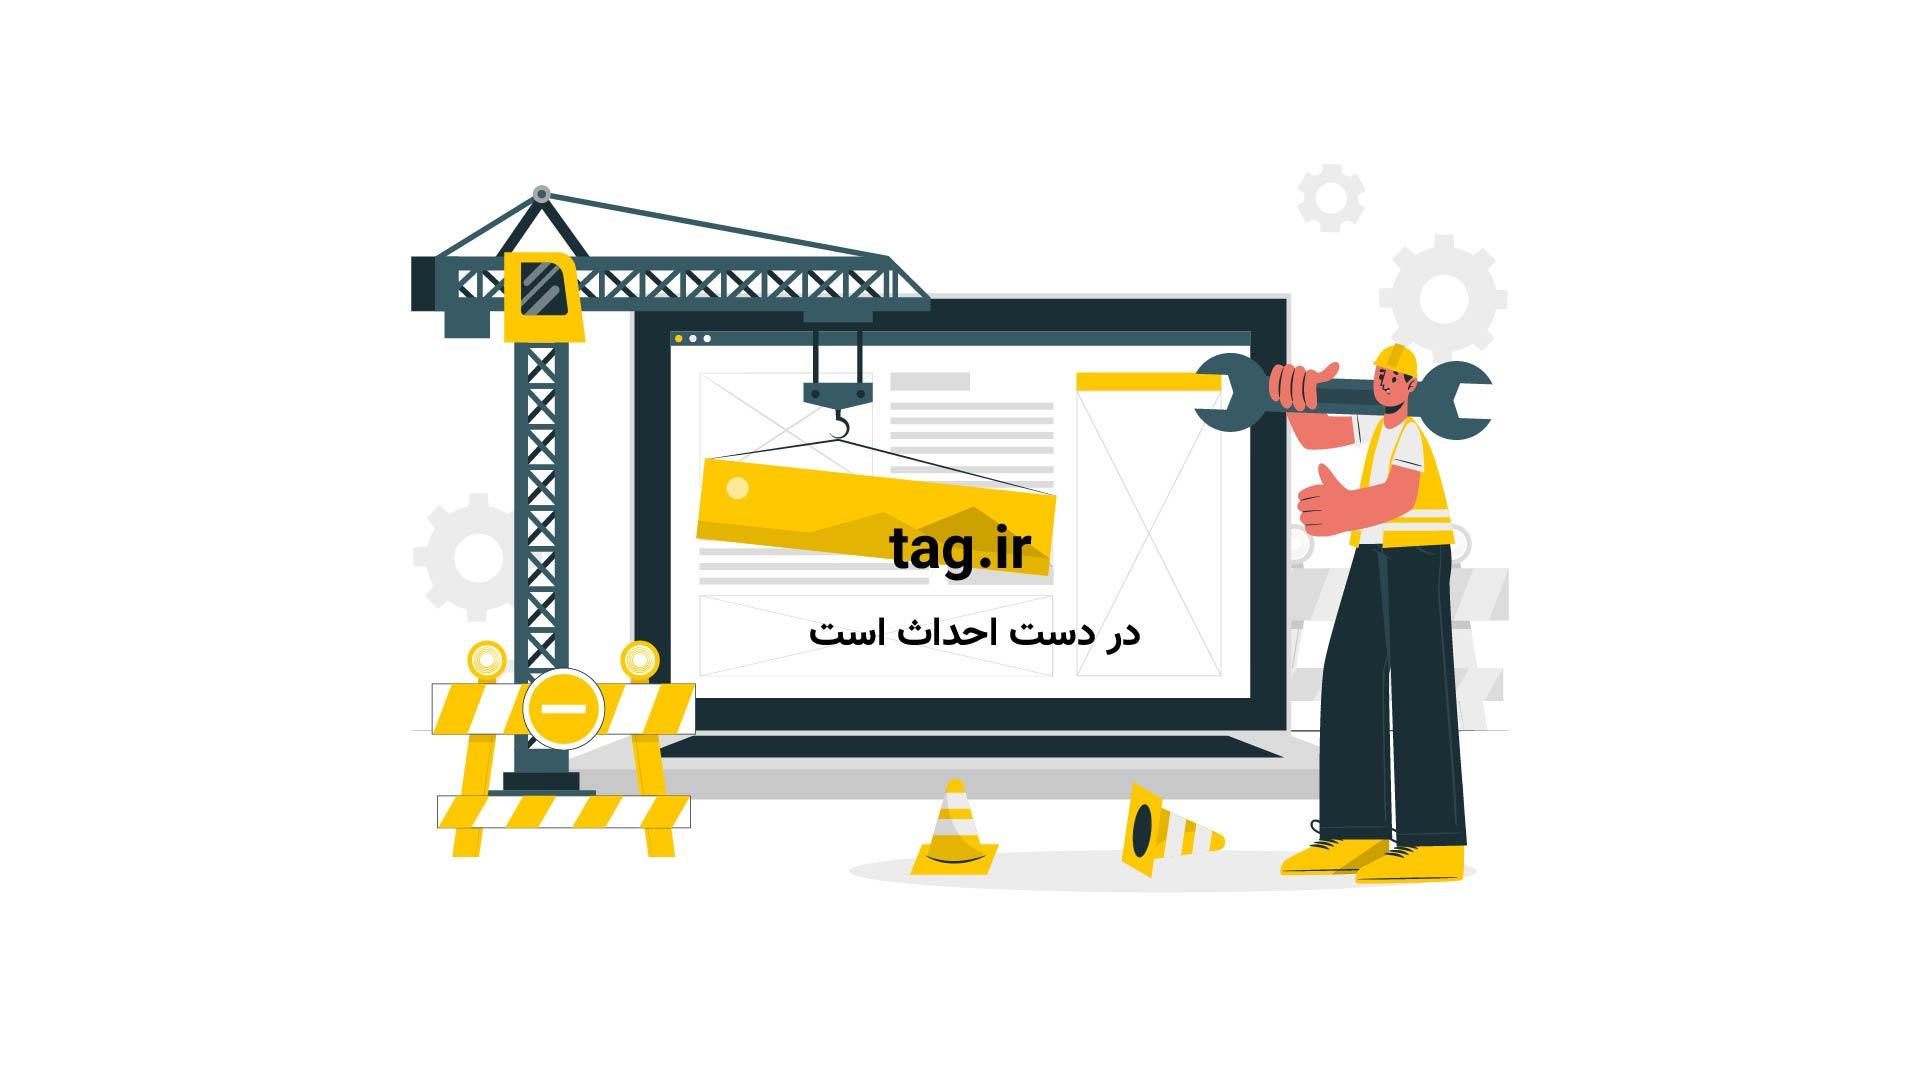 واحد اندازه گیری برای قدرت تابش خورشید | فیلم